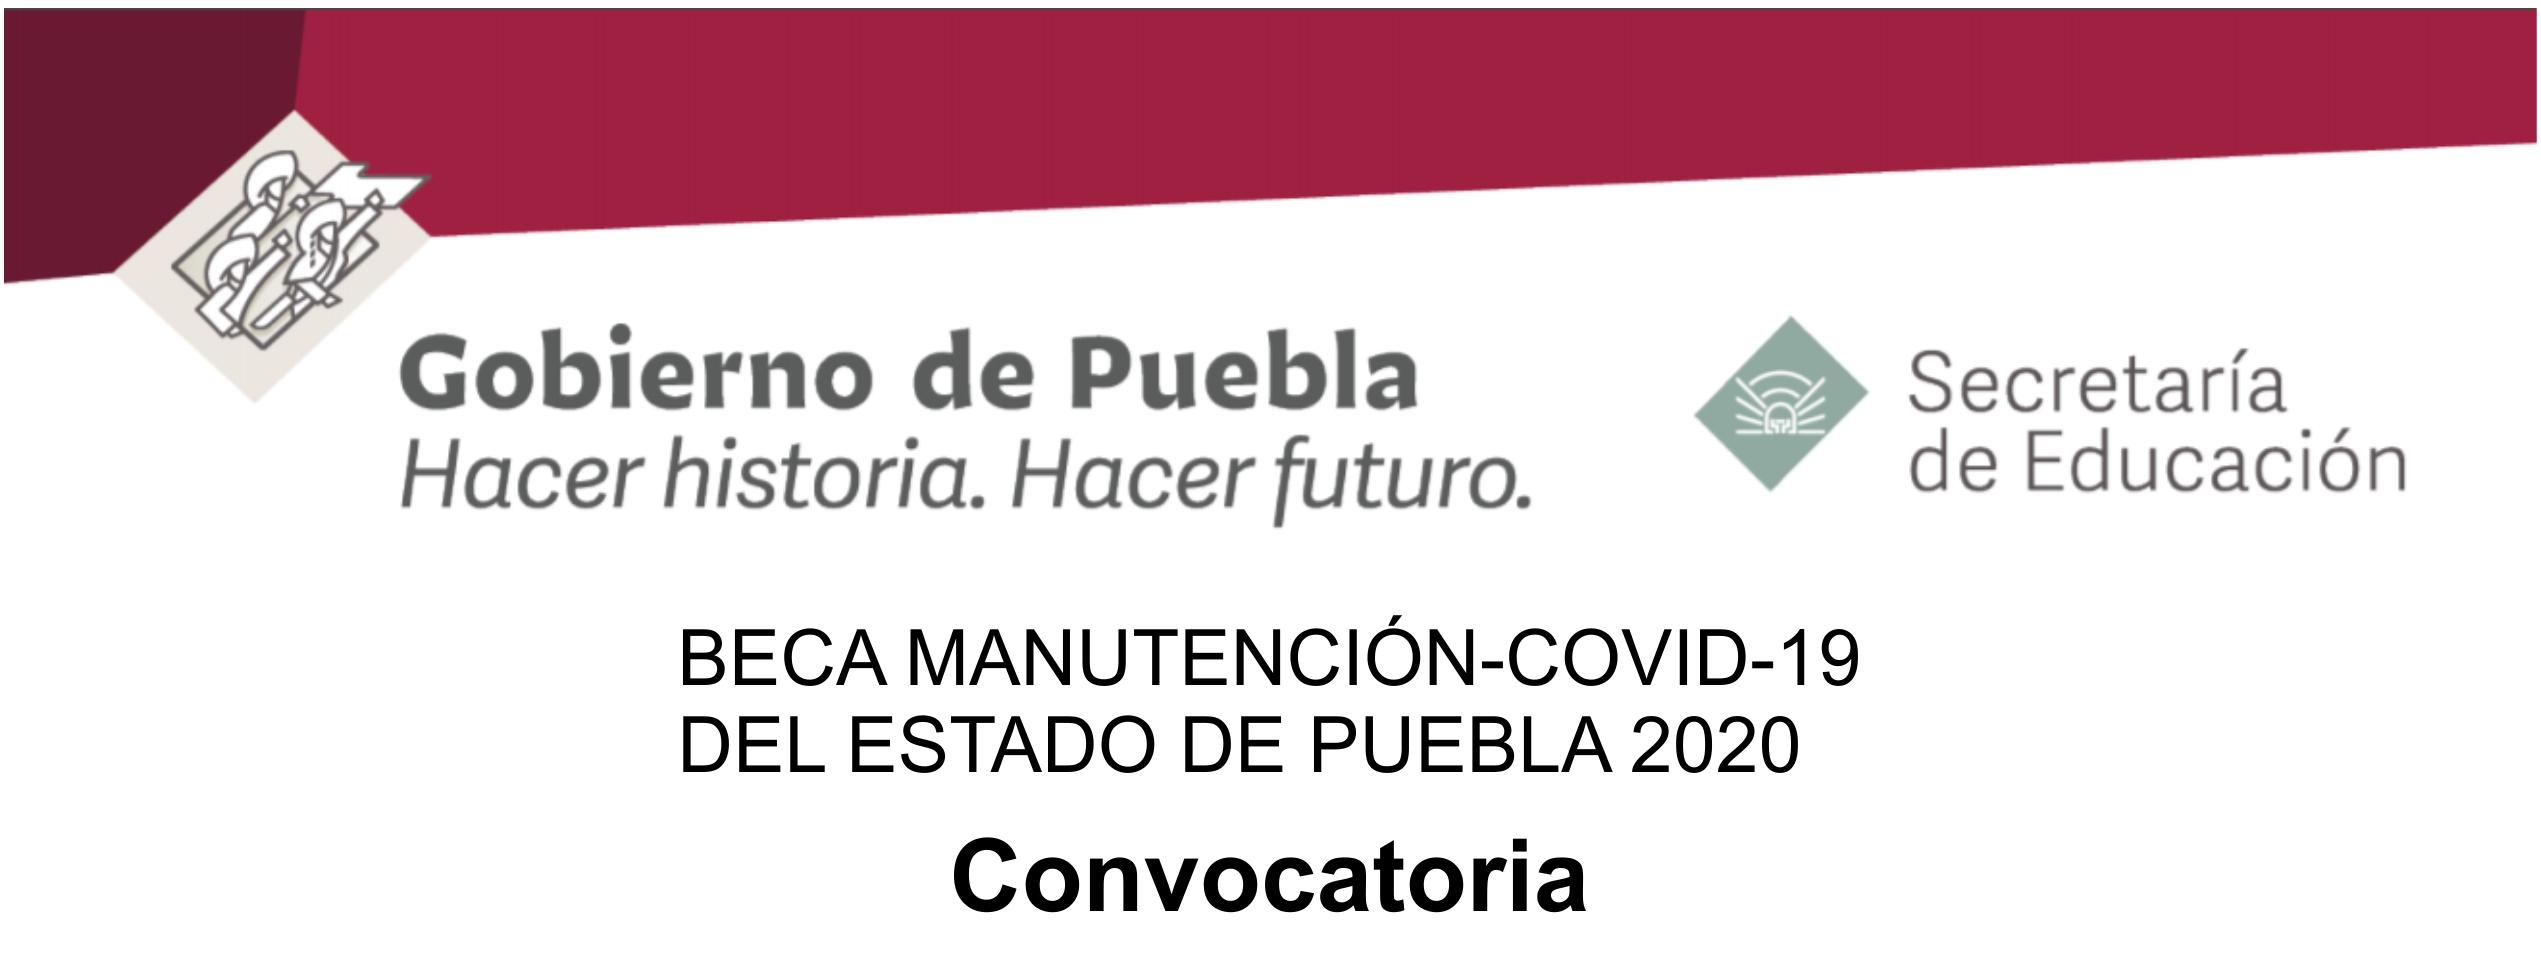 banner BECA MANUTENCIÓN-COVID-19 DEL ESTADO DE PUEBLA 2020